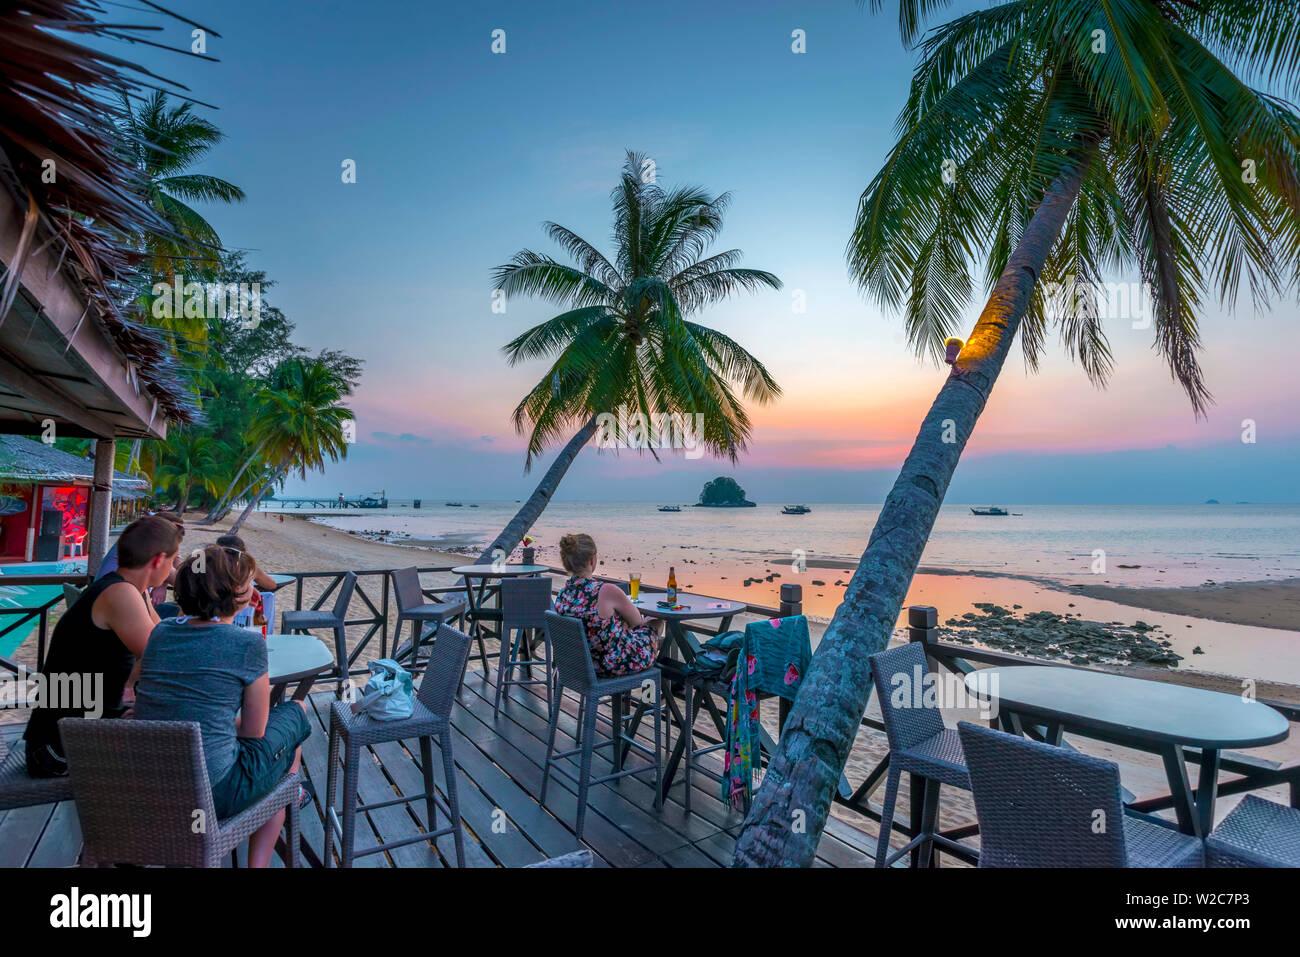 Malasia, Pahang, Pulau Tioman (la isla de Tioman), el Berjaya Beach Berjaya Tioman Resort, Pulau Rengis Rengis (isla) en segundo plano. Foto de stock